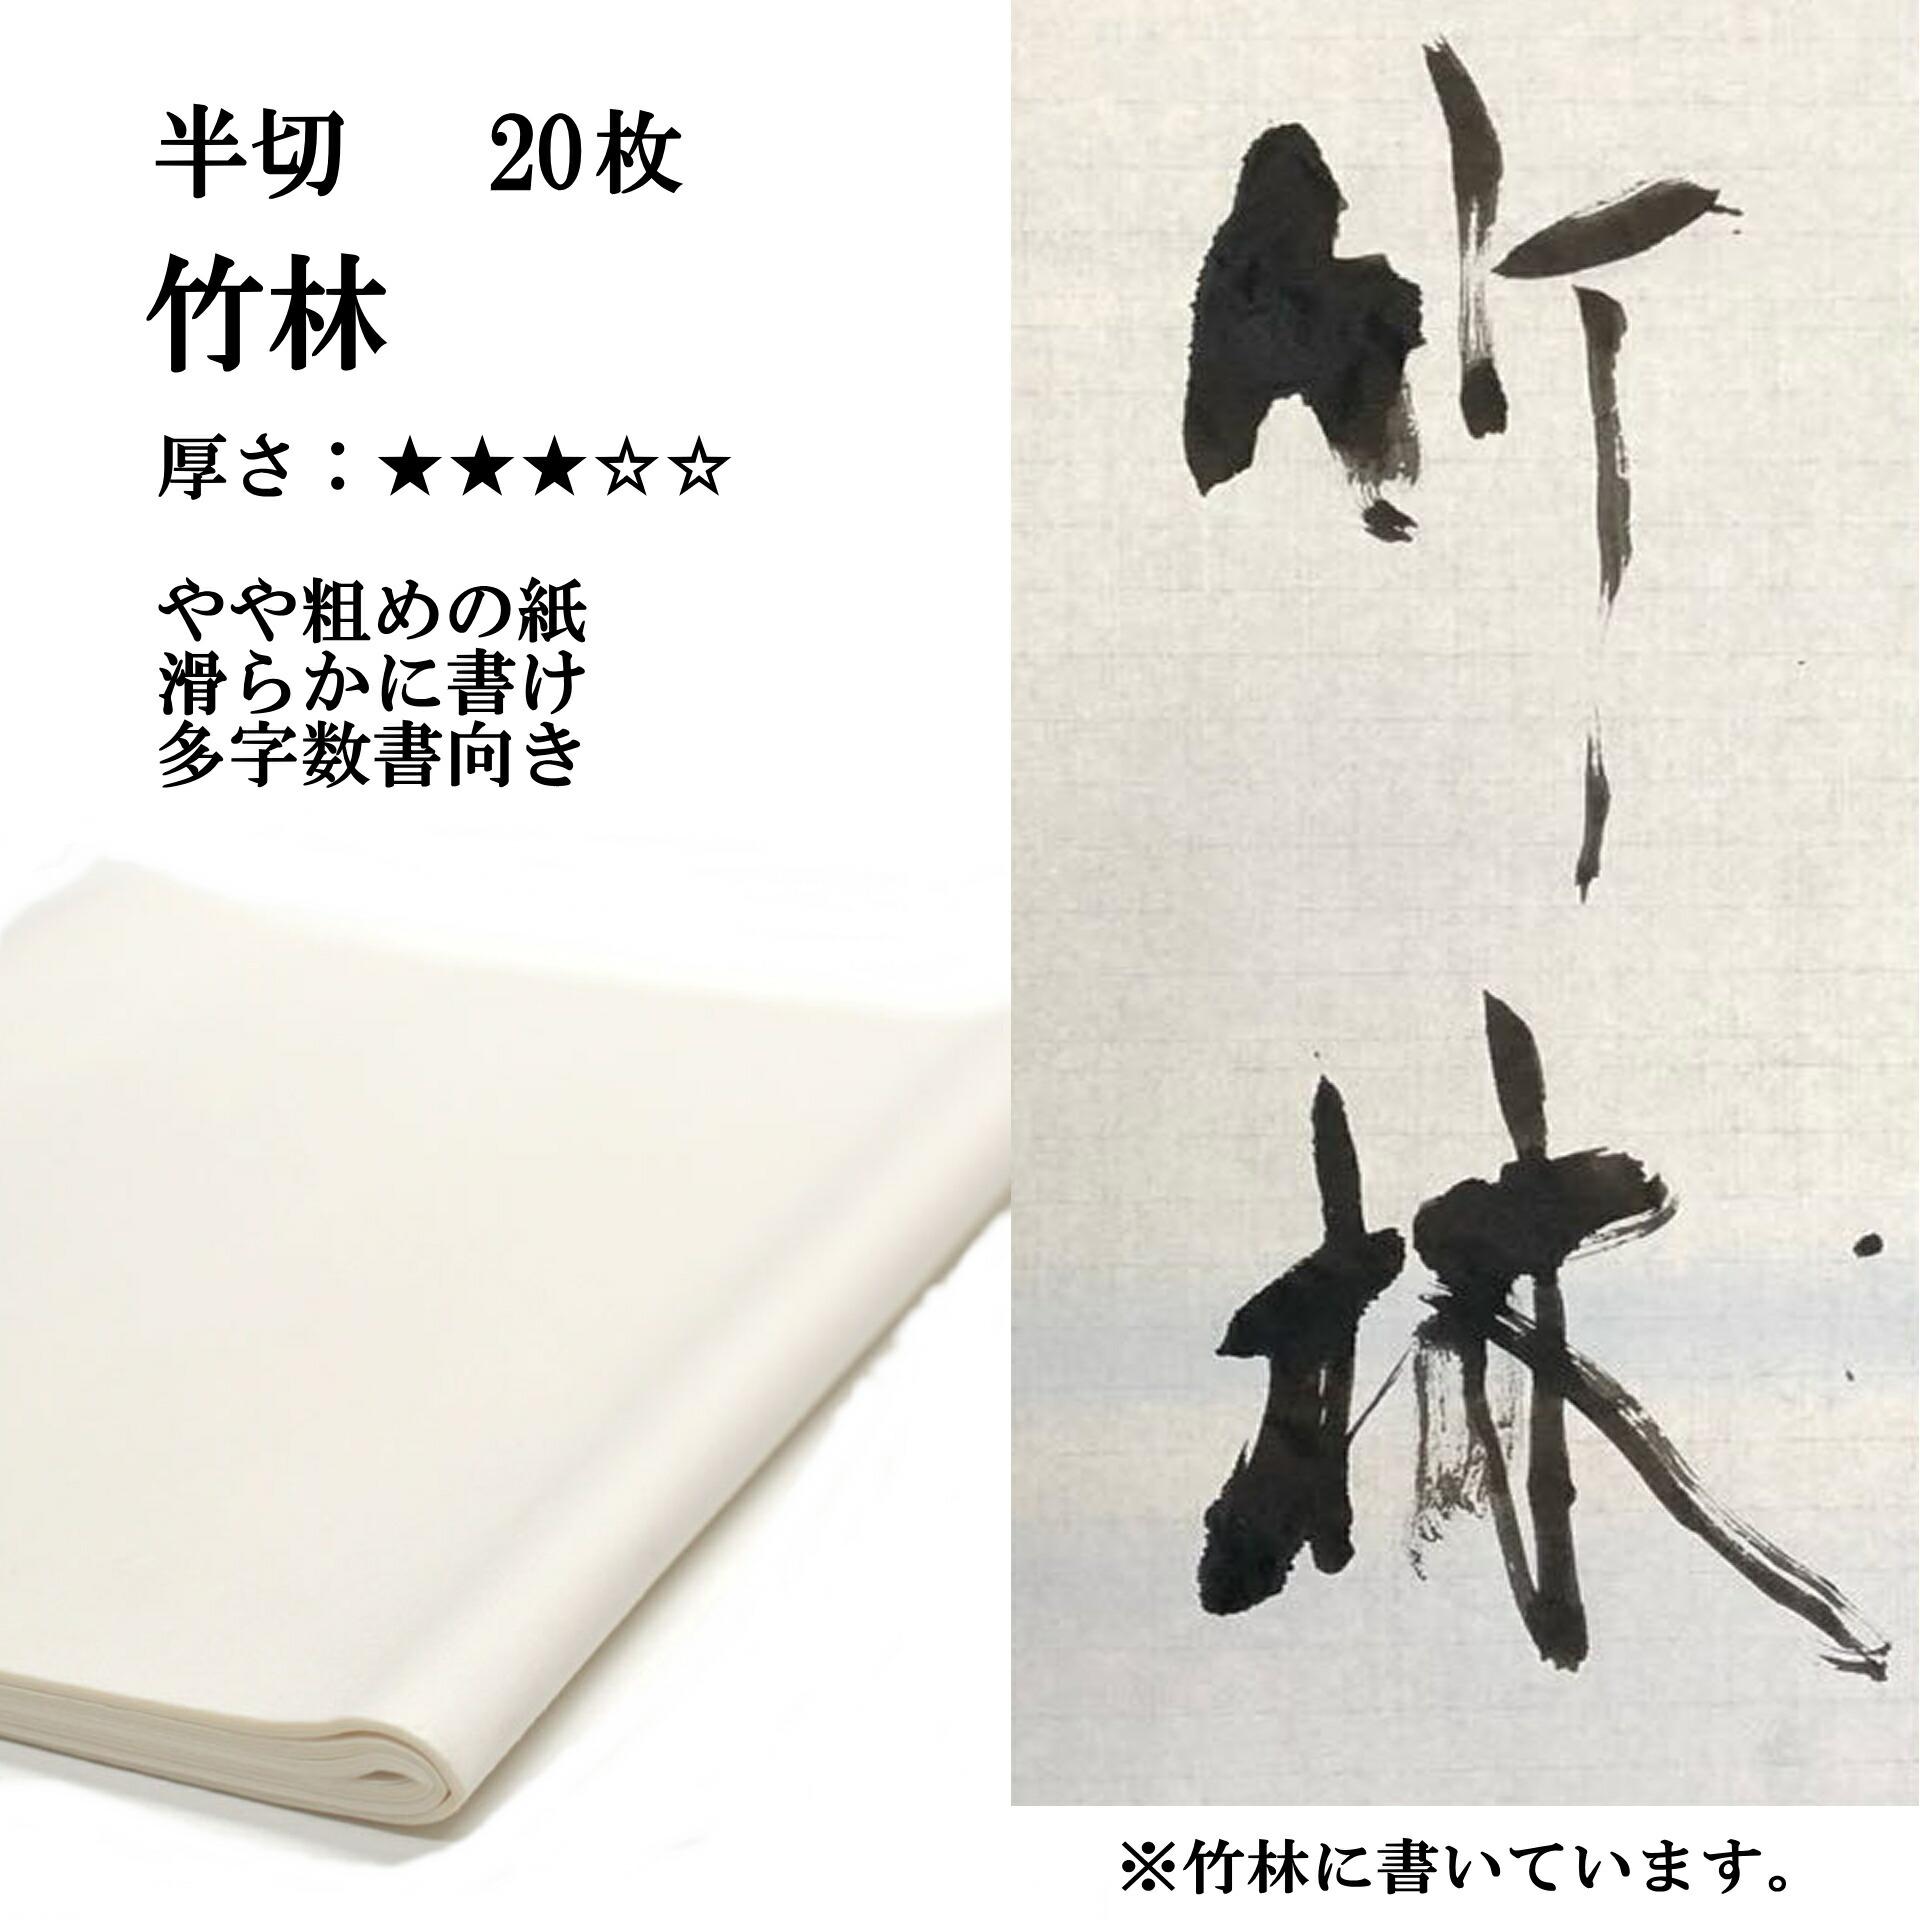 手漉き画仙紙楷書 豪華な 春の新作 草書 行書に適しています 紙にハリがあって書きやすい 原料の竹の色で黄色かかっています 書道 半切 漢字用 手漉き 20枚 書道用品 画仙紙 条幅 竹林